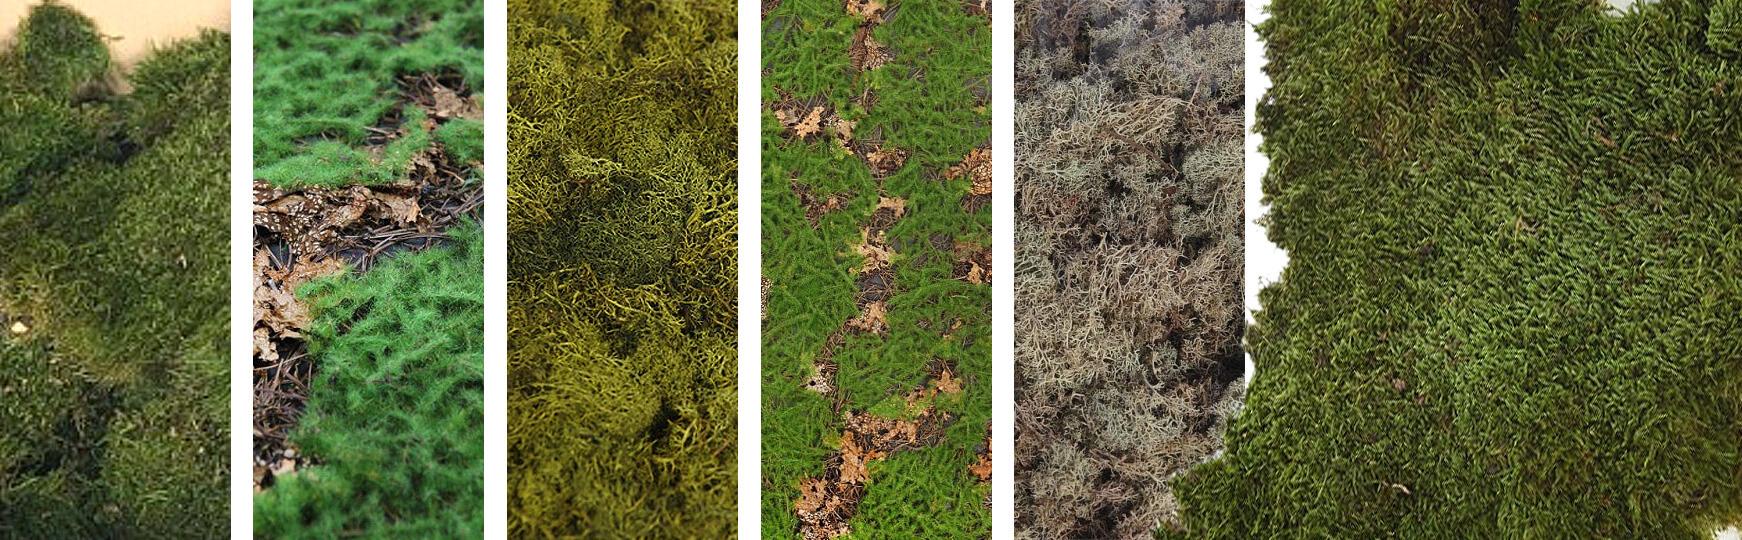 plantas-artificiales-musgo.jpg